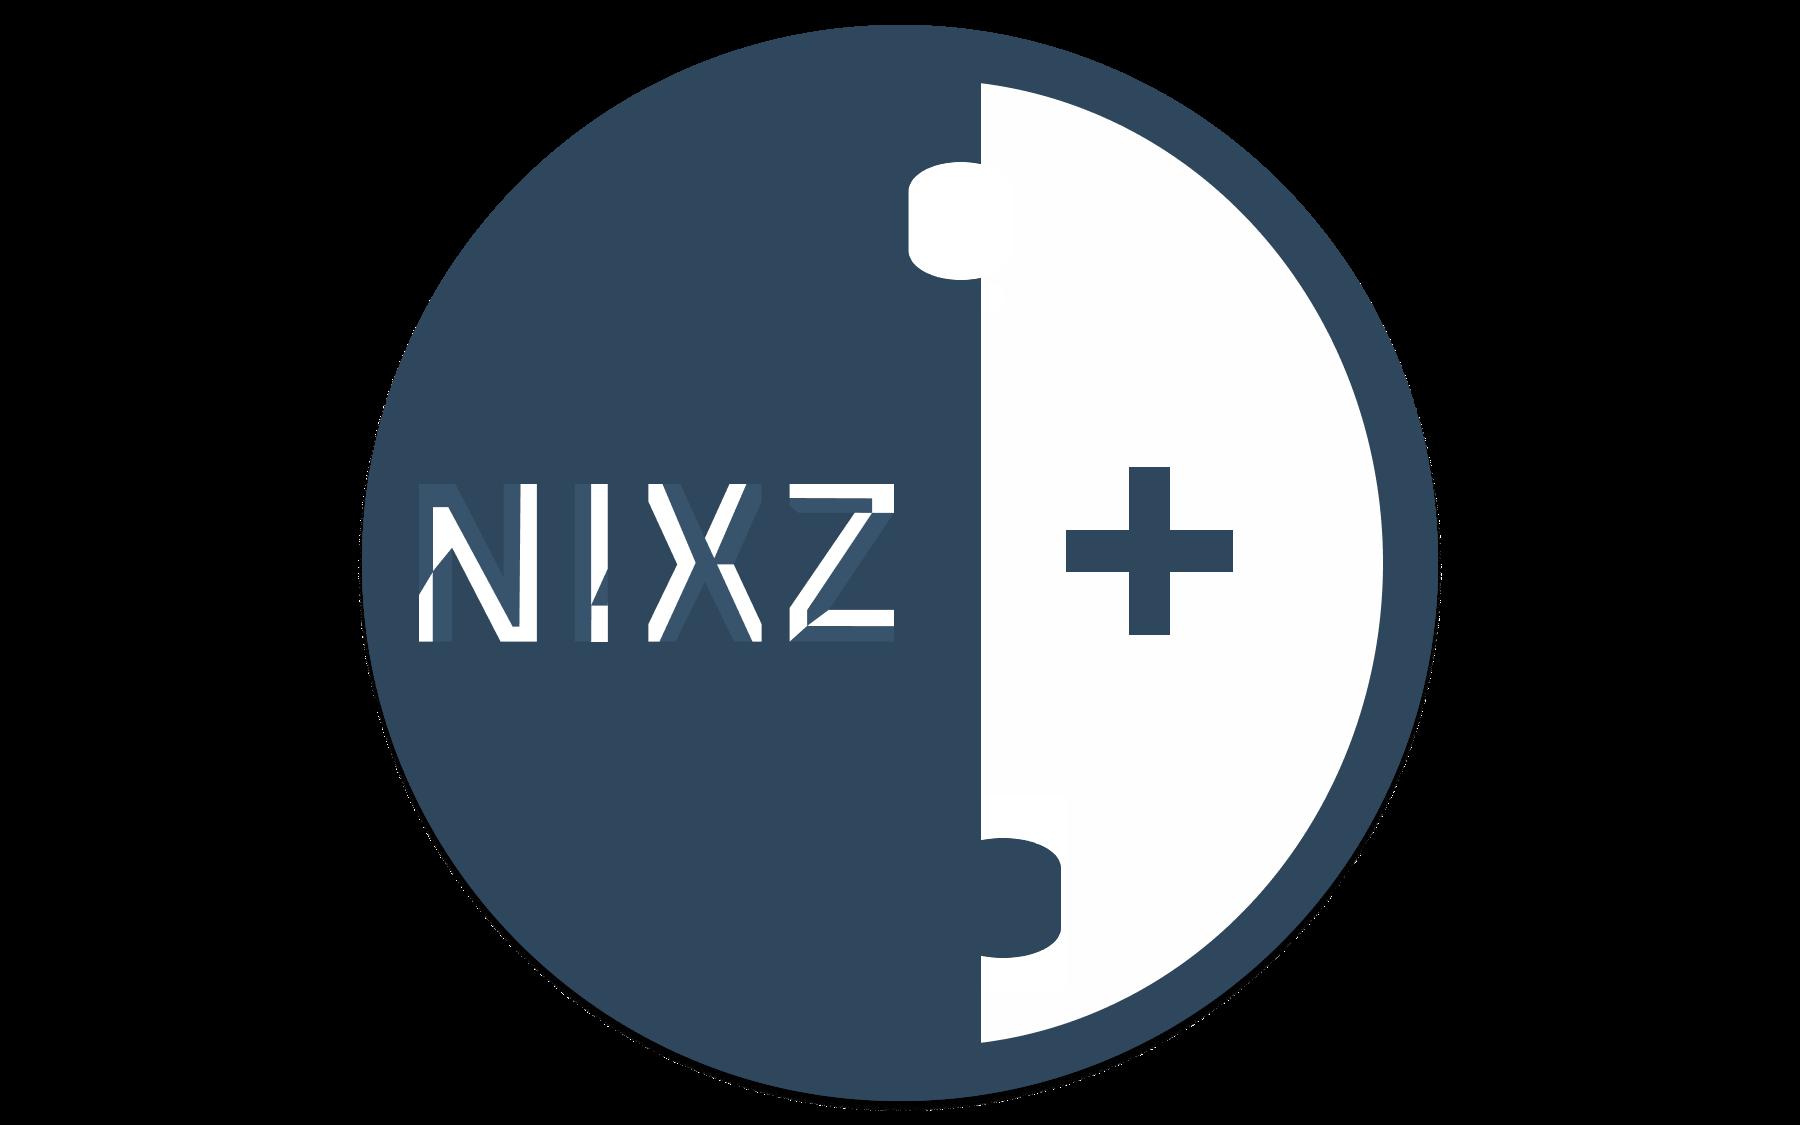 De NIXZ Inviter Add-on